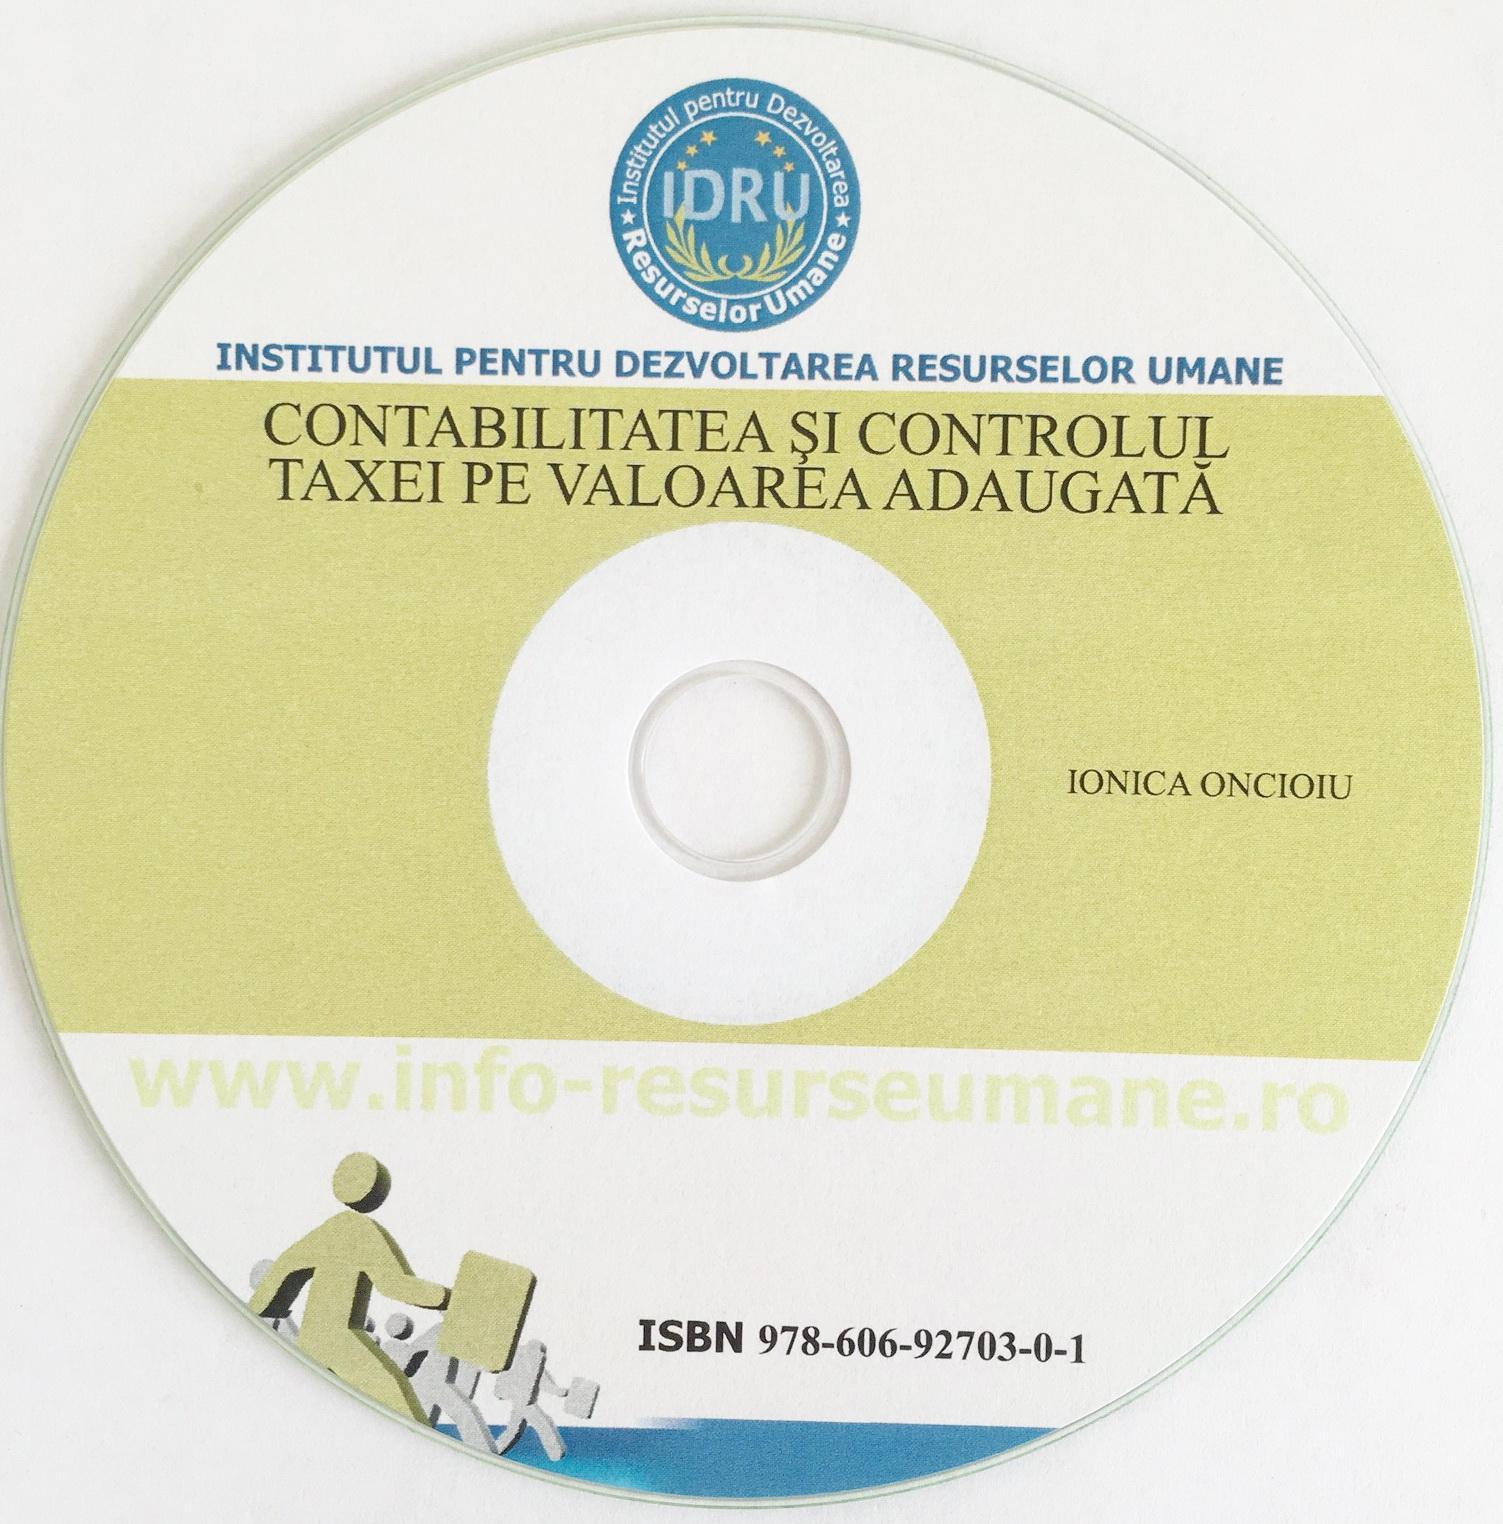 Contabilitatea si controlul taxei pe valoare adaugata